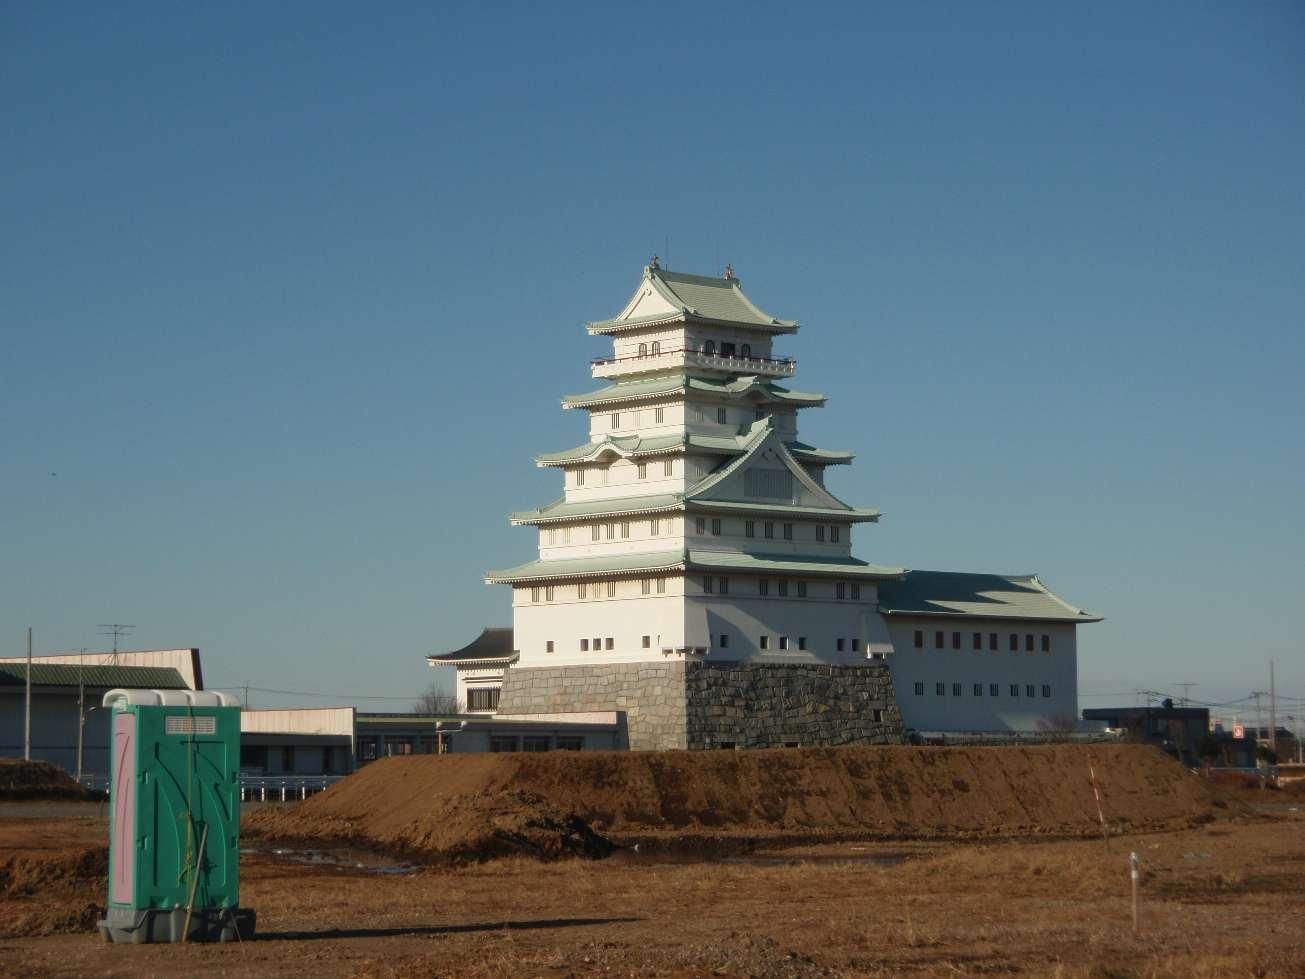 常総市地域交流センター(豊田城)の旅行ガイド - BIGLOBE旅行